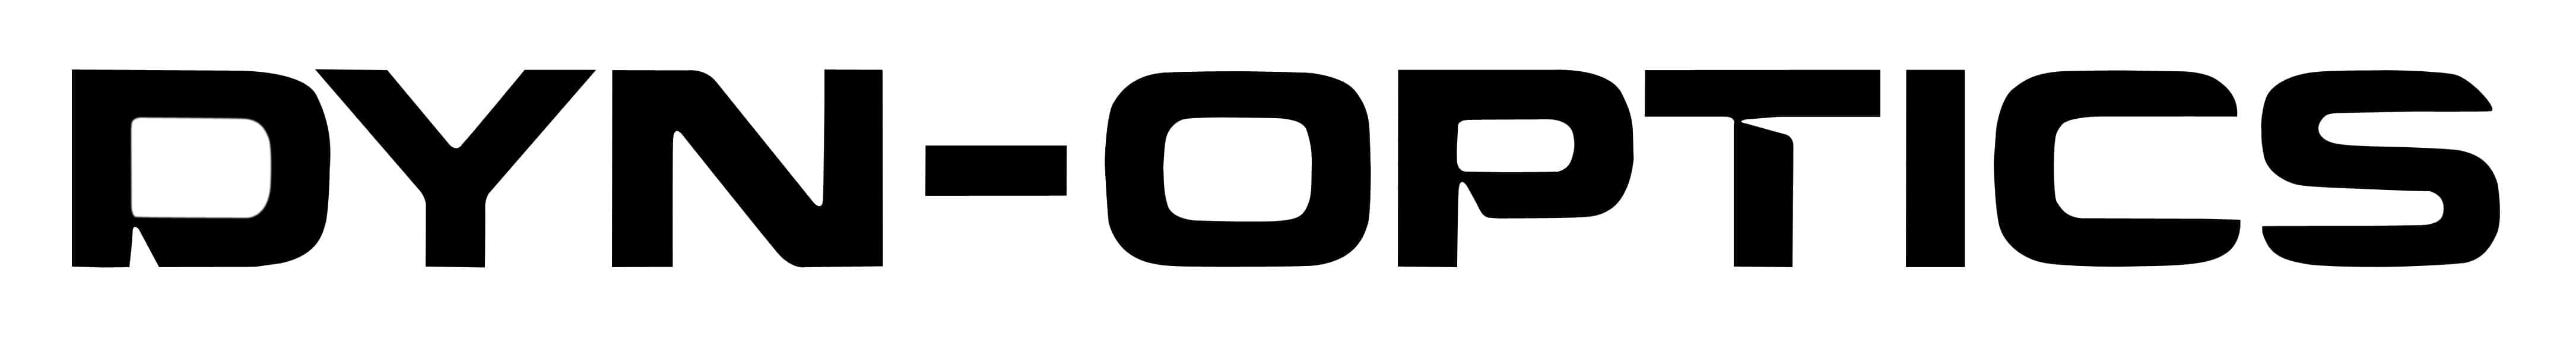 Dyn Logo - 1200 DPI White Background